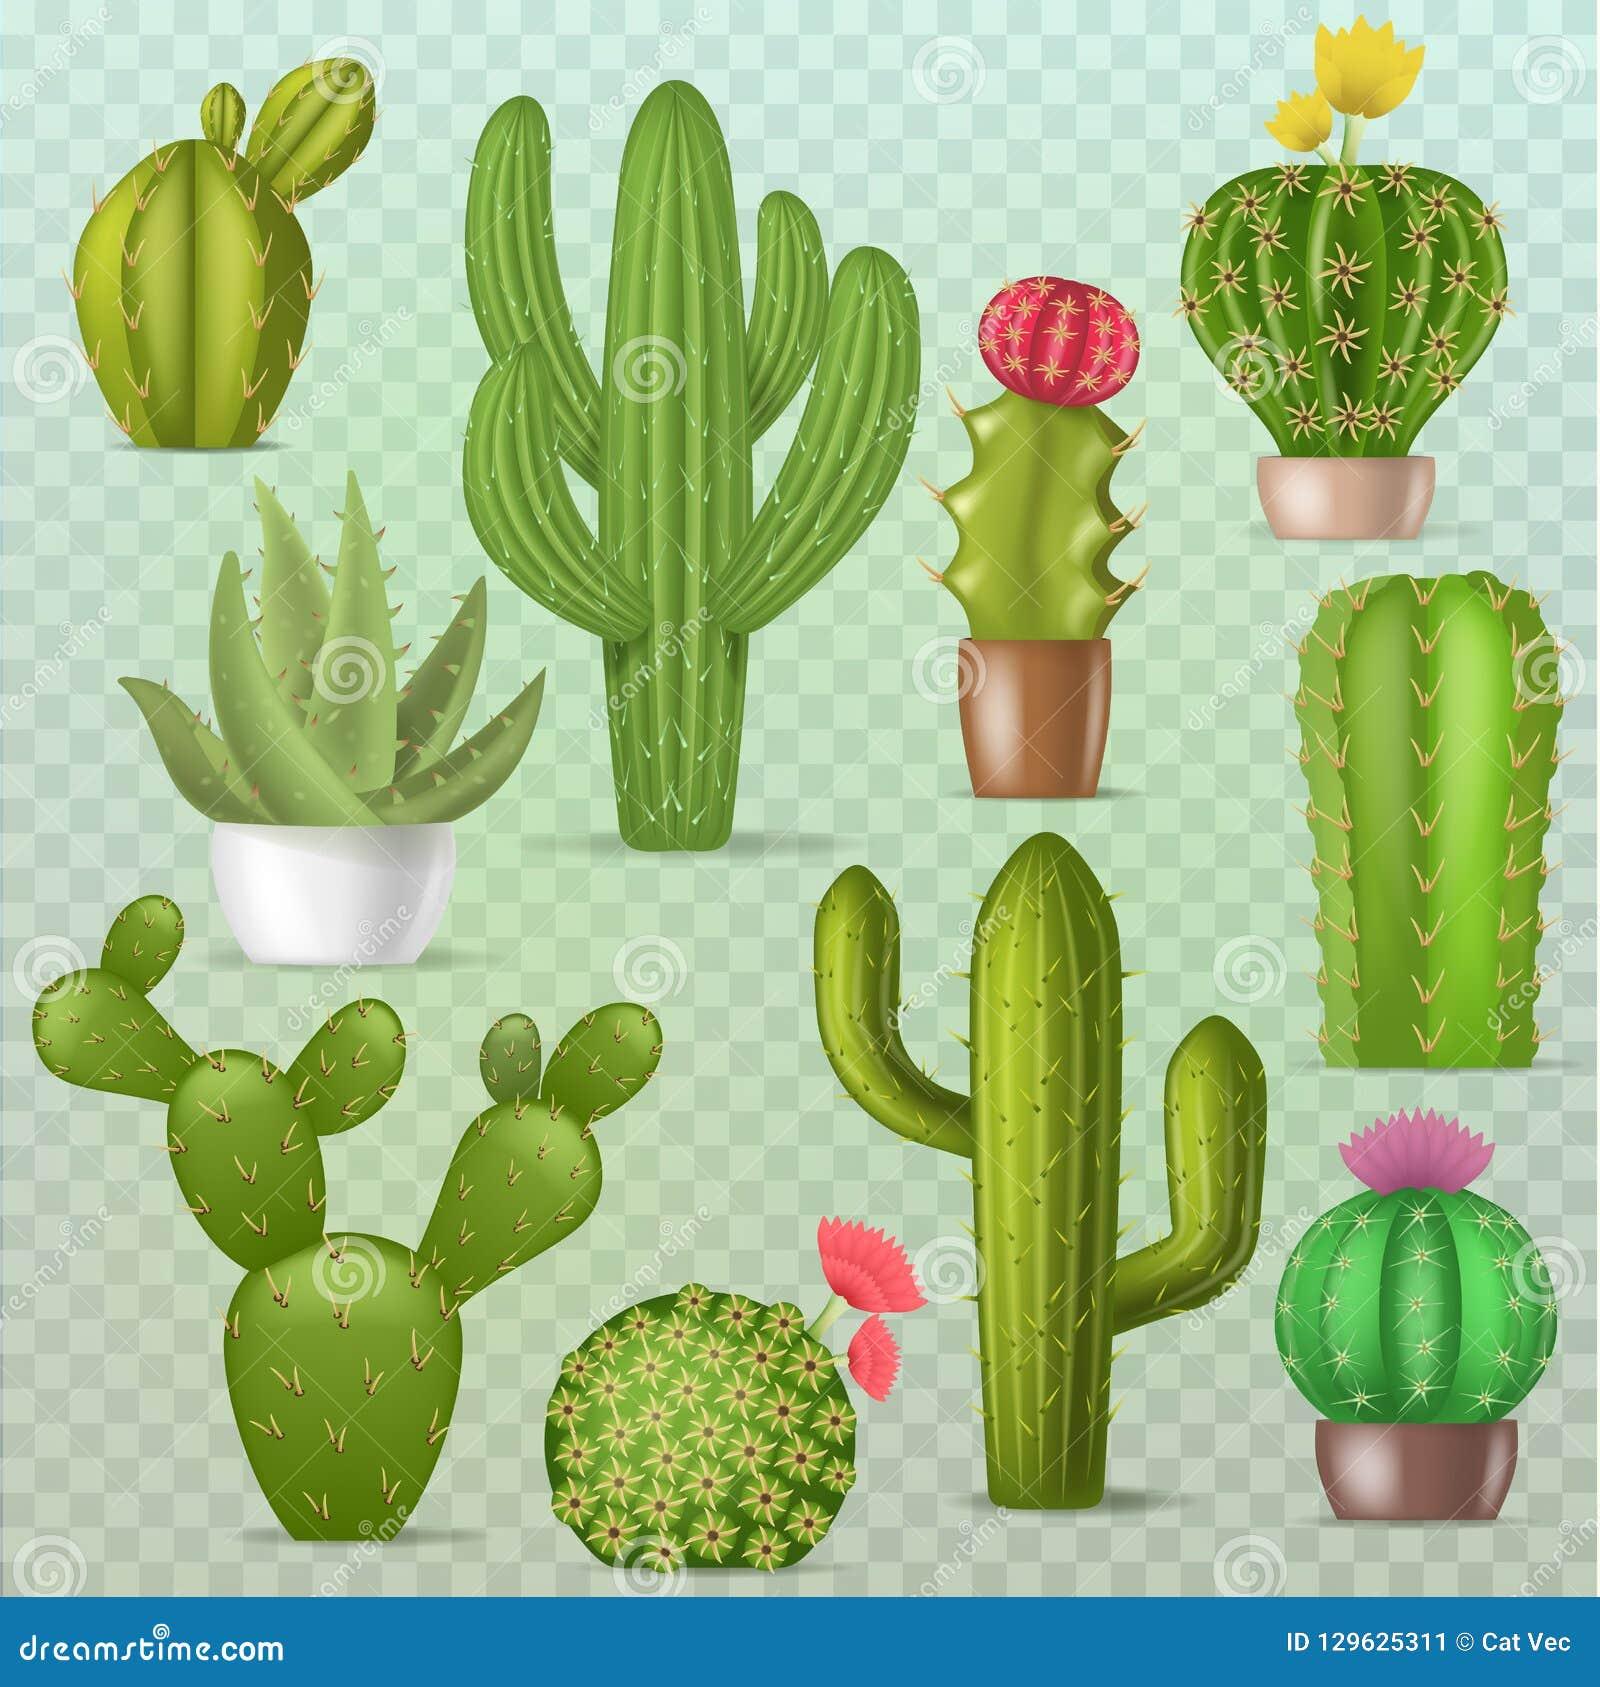 Иллюстрации ботаники завода кактусов вектора кактуса набор ботанической зеленой cactaceous суккулентной флористический реалистиче